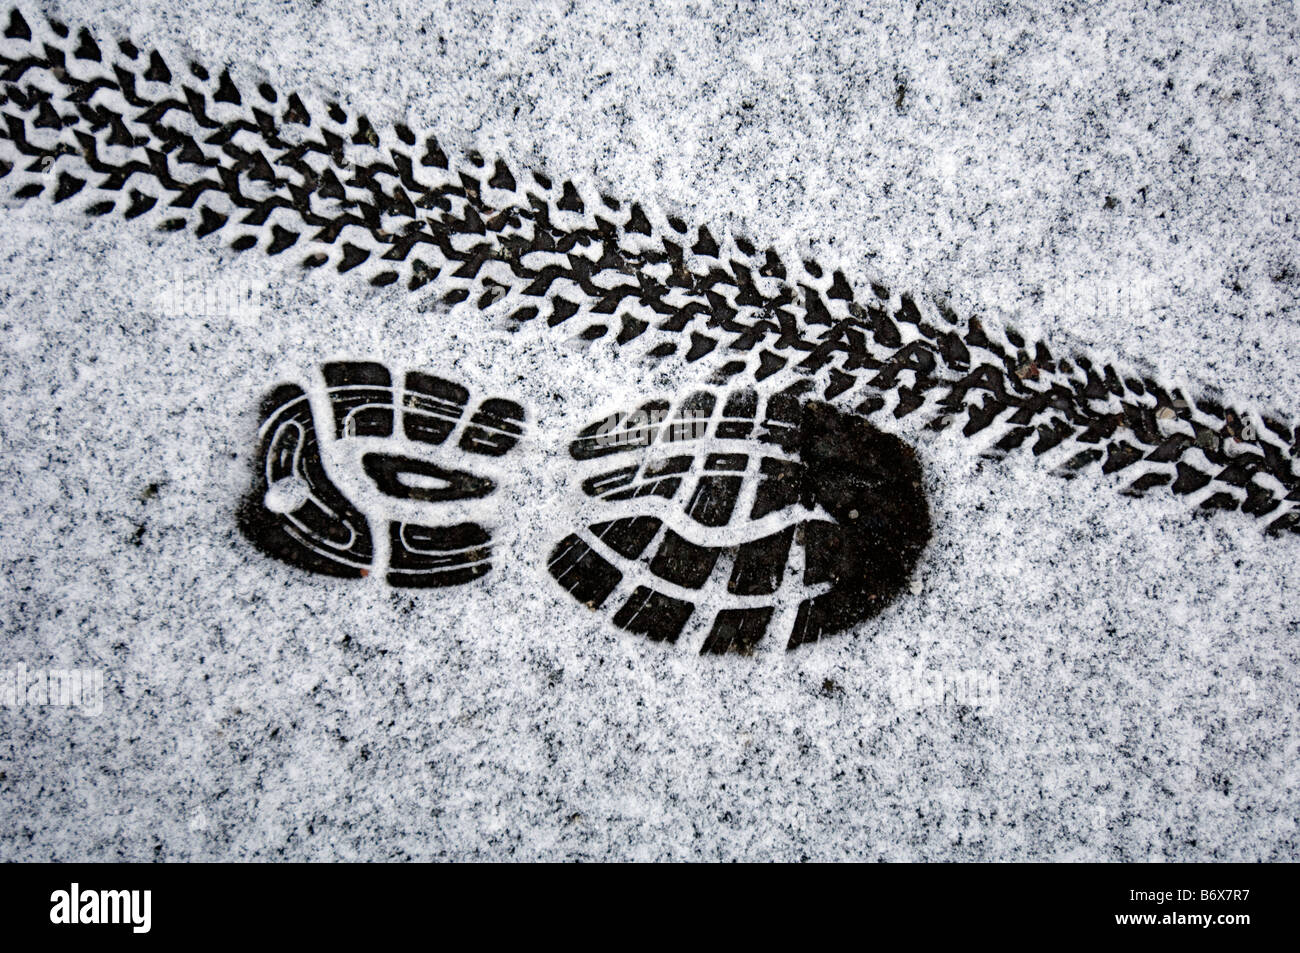 Kaltes Wetter Training A Jogger Trainingsschuh print und ein Mountainbike Reifen Strecke auf einer Prise Pulverschnee Stockbild